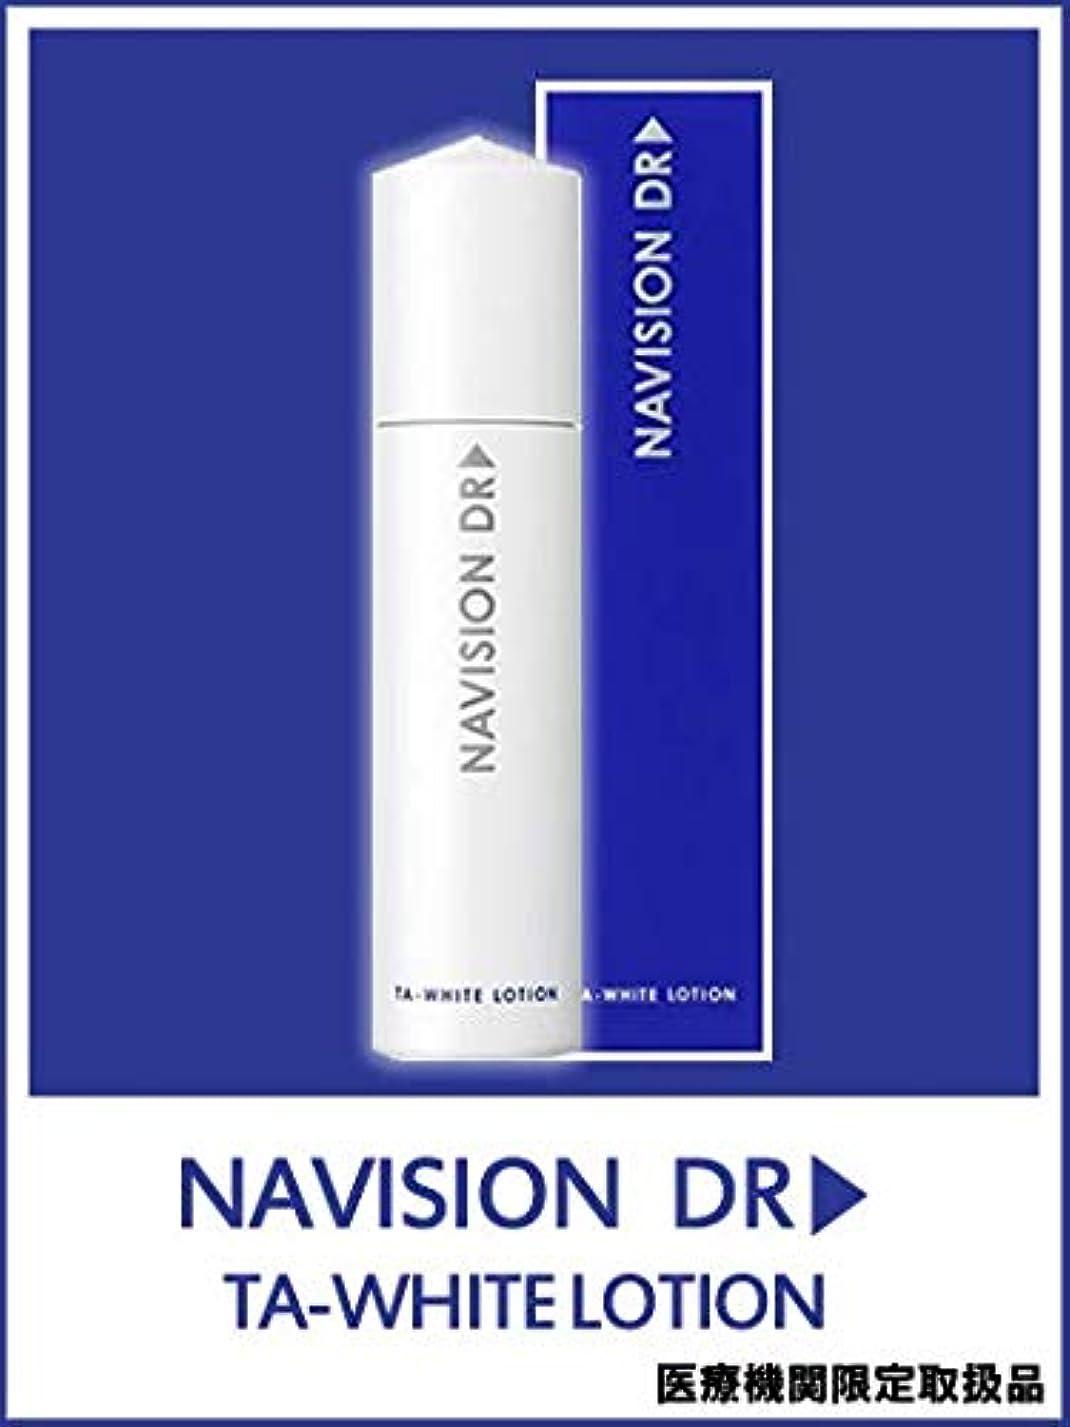 スナッチ明るくする持続的NAVISION DR? ナビジョンDR TAホワイトローションn(医薬部外品) 150mL